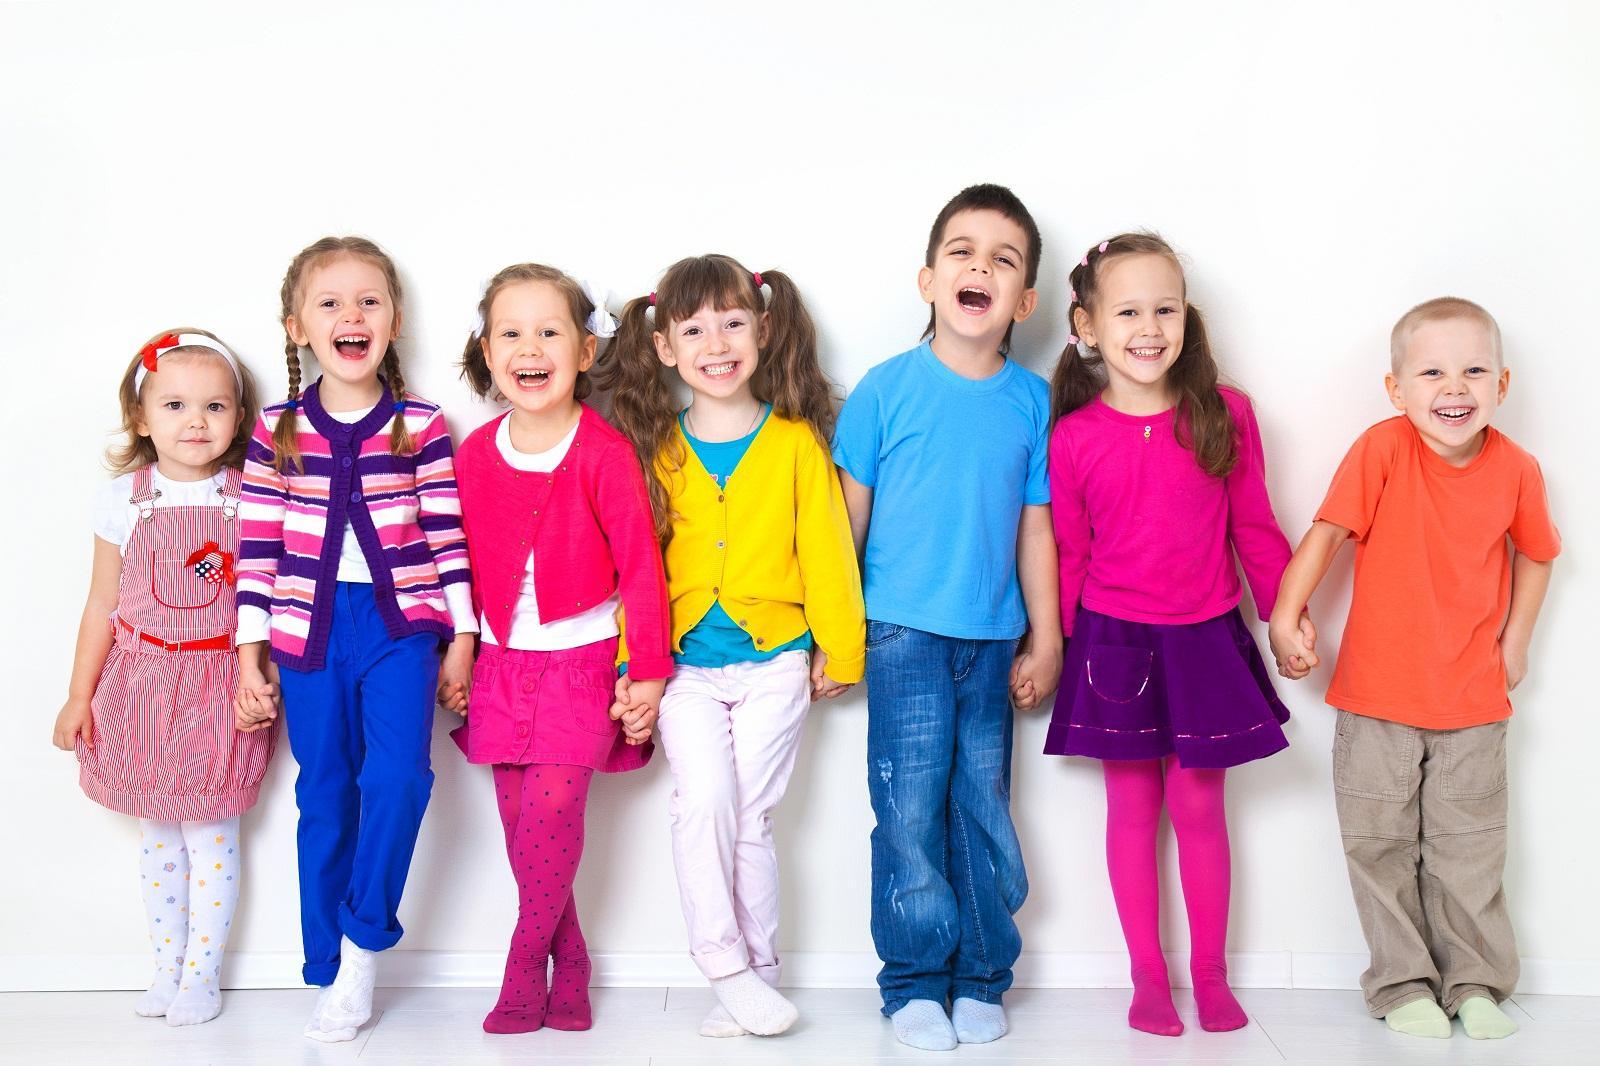 Товары для малышей. Как подобрать детскую одежду?